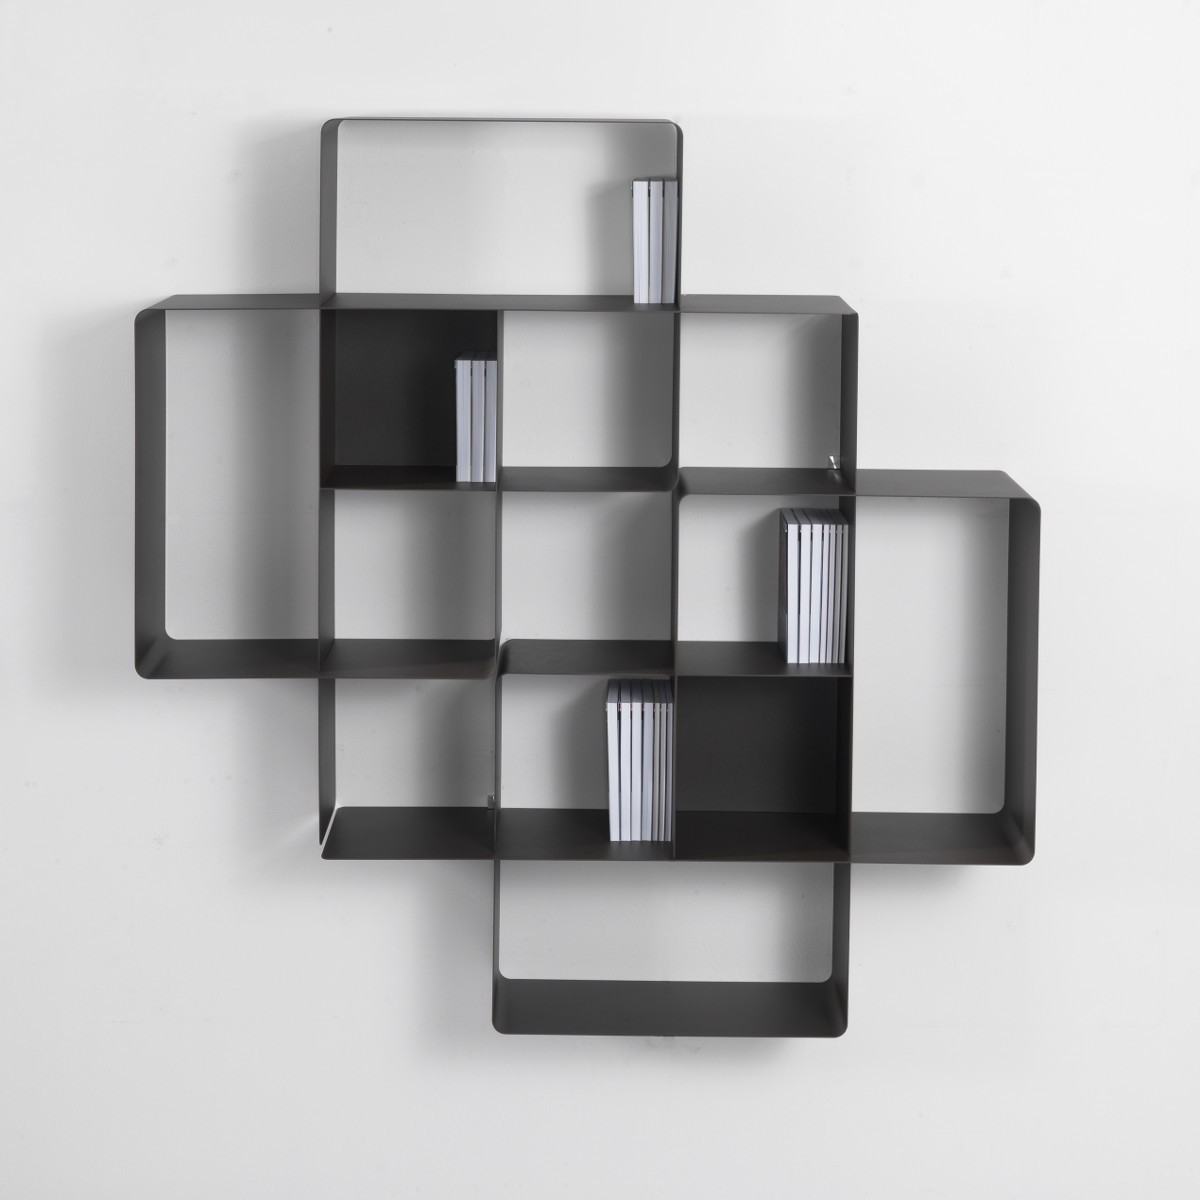 Mondrian libreria a parete moderna in metallo componibile design - Libreria a parete ...